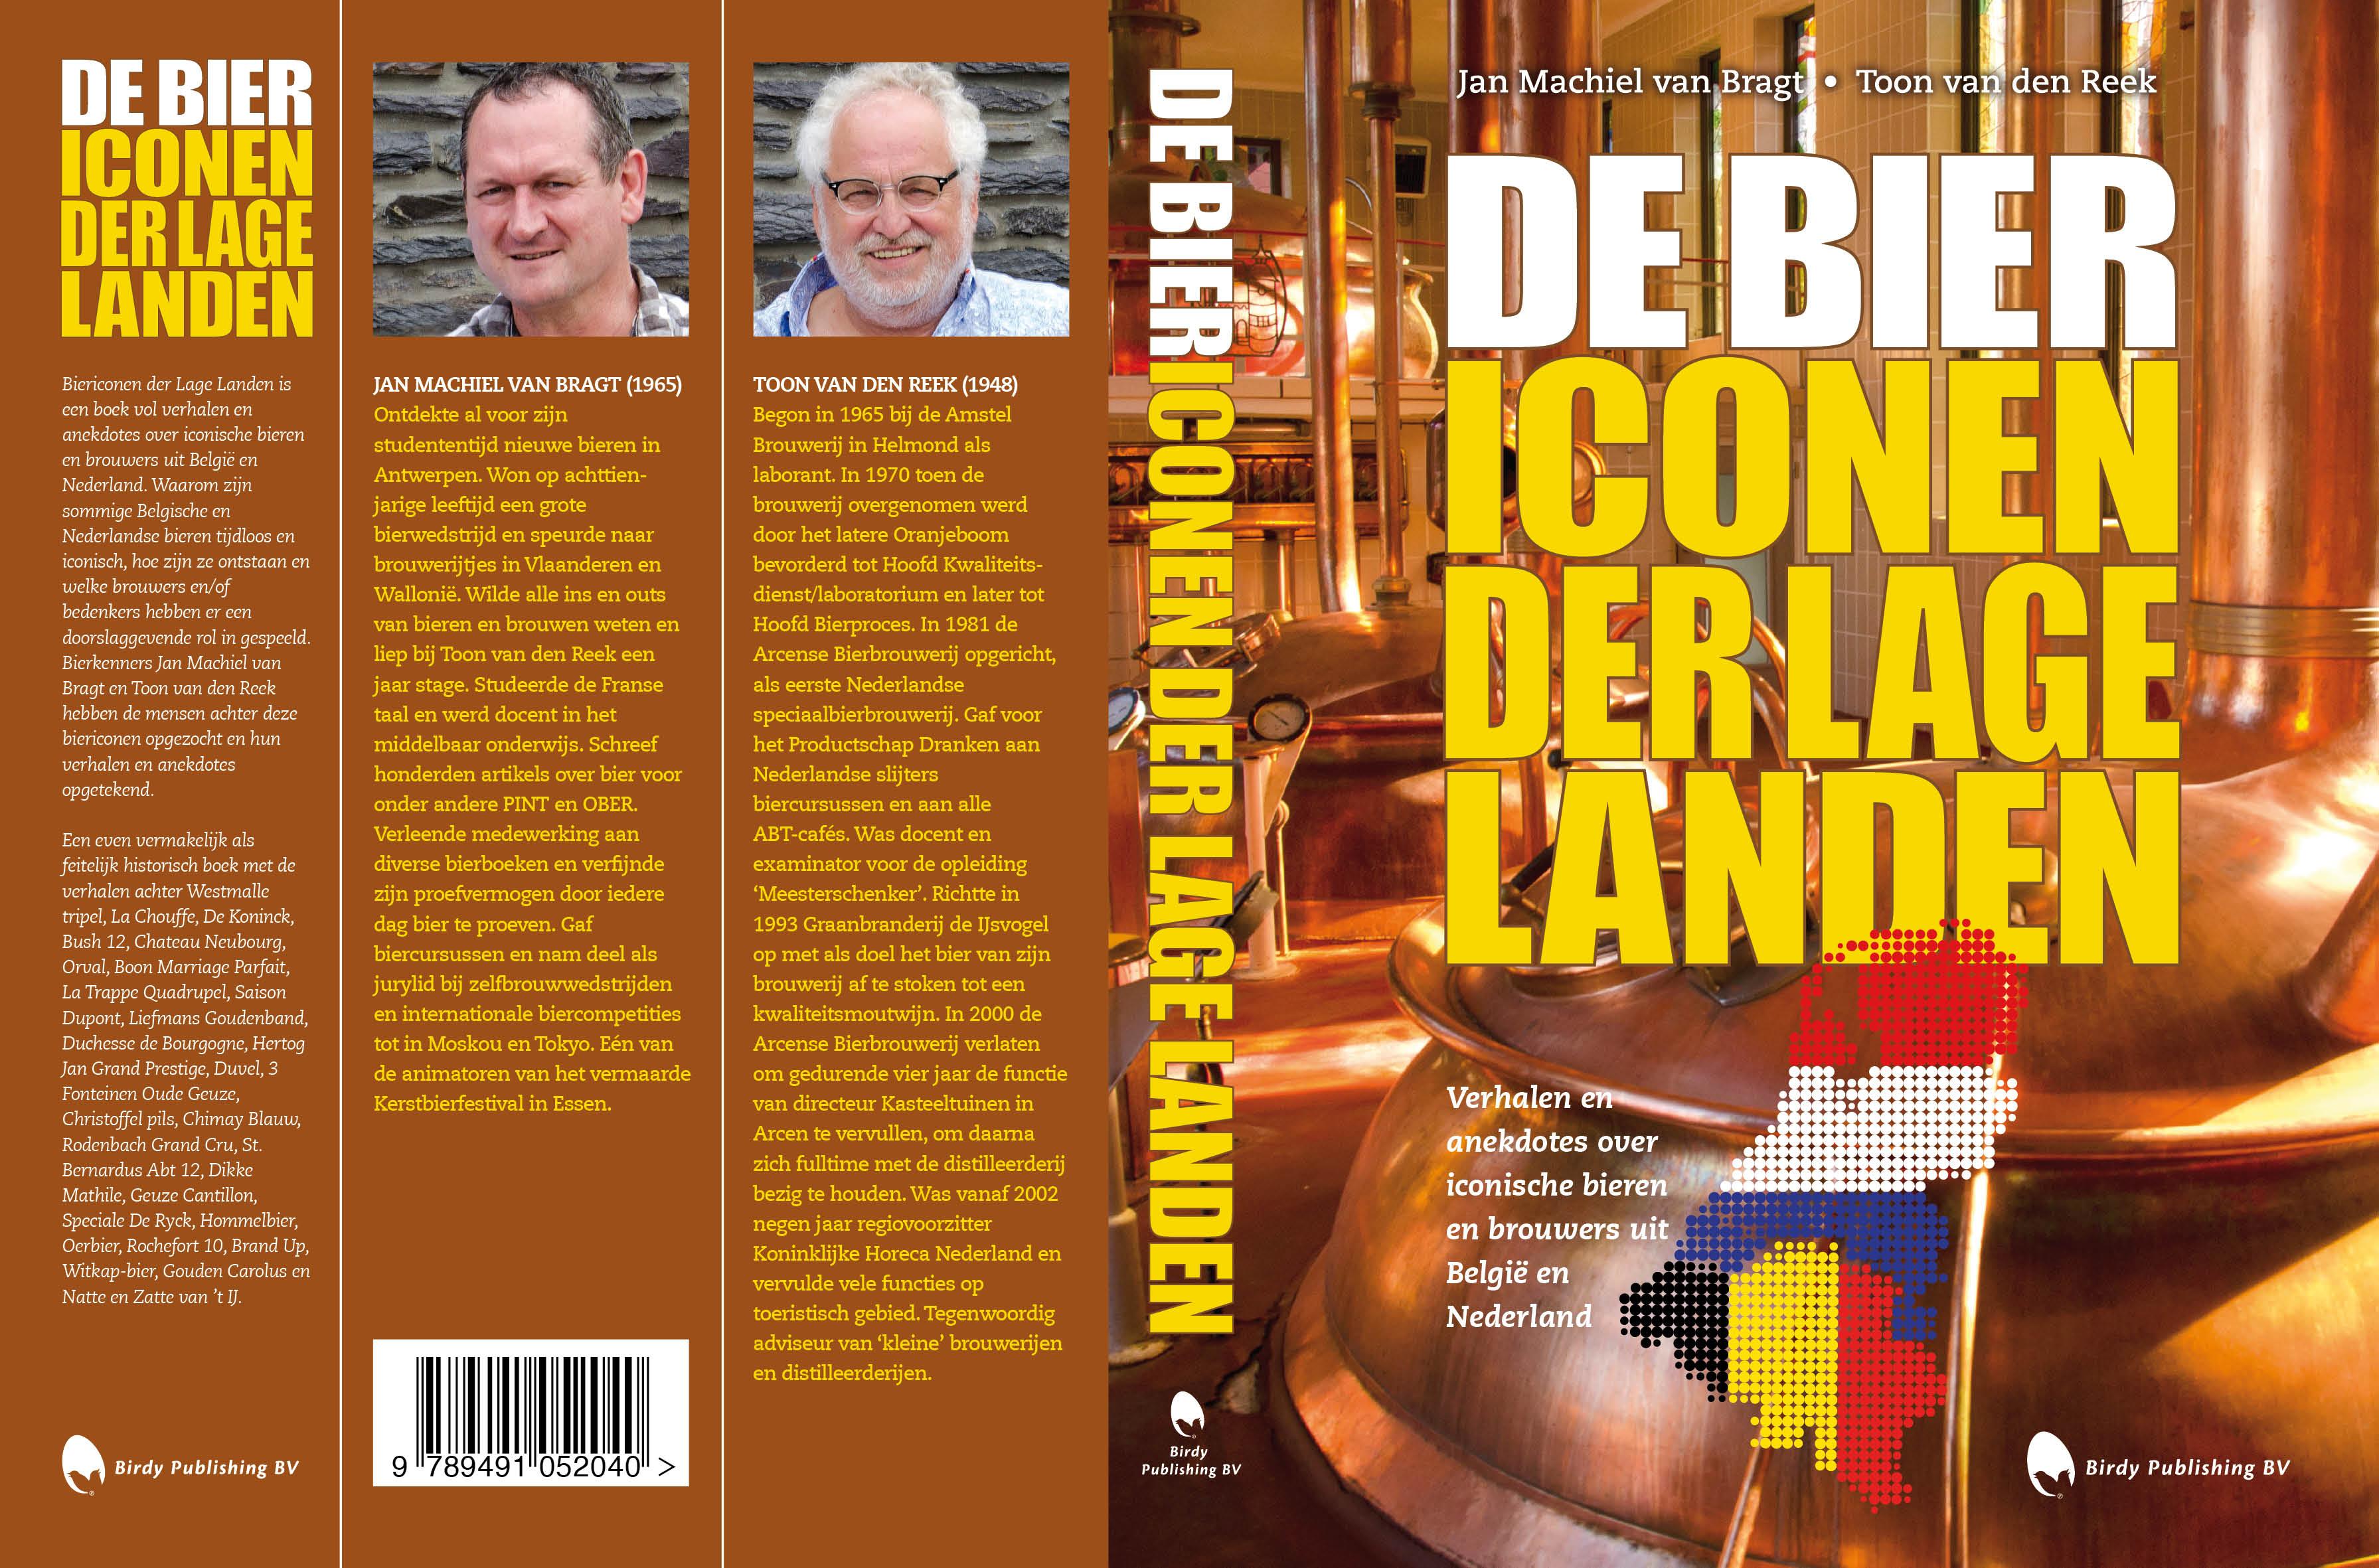 Cover Biericonen der Lage Landen